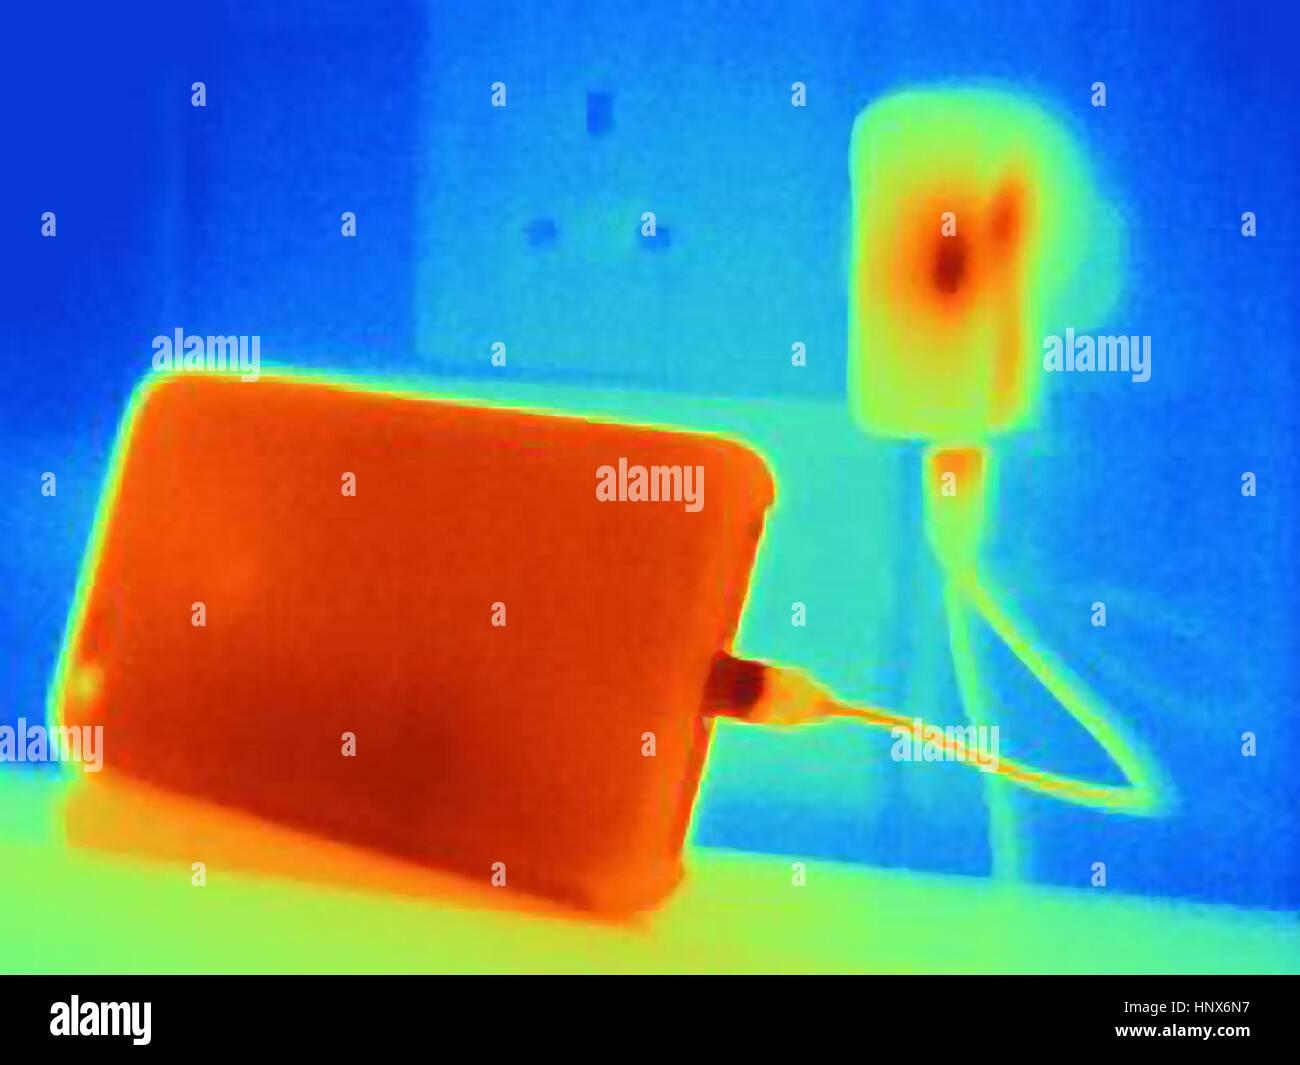 Immagine termica di smartphone, carica Immagini Stock